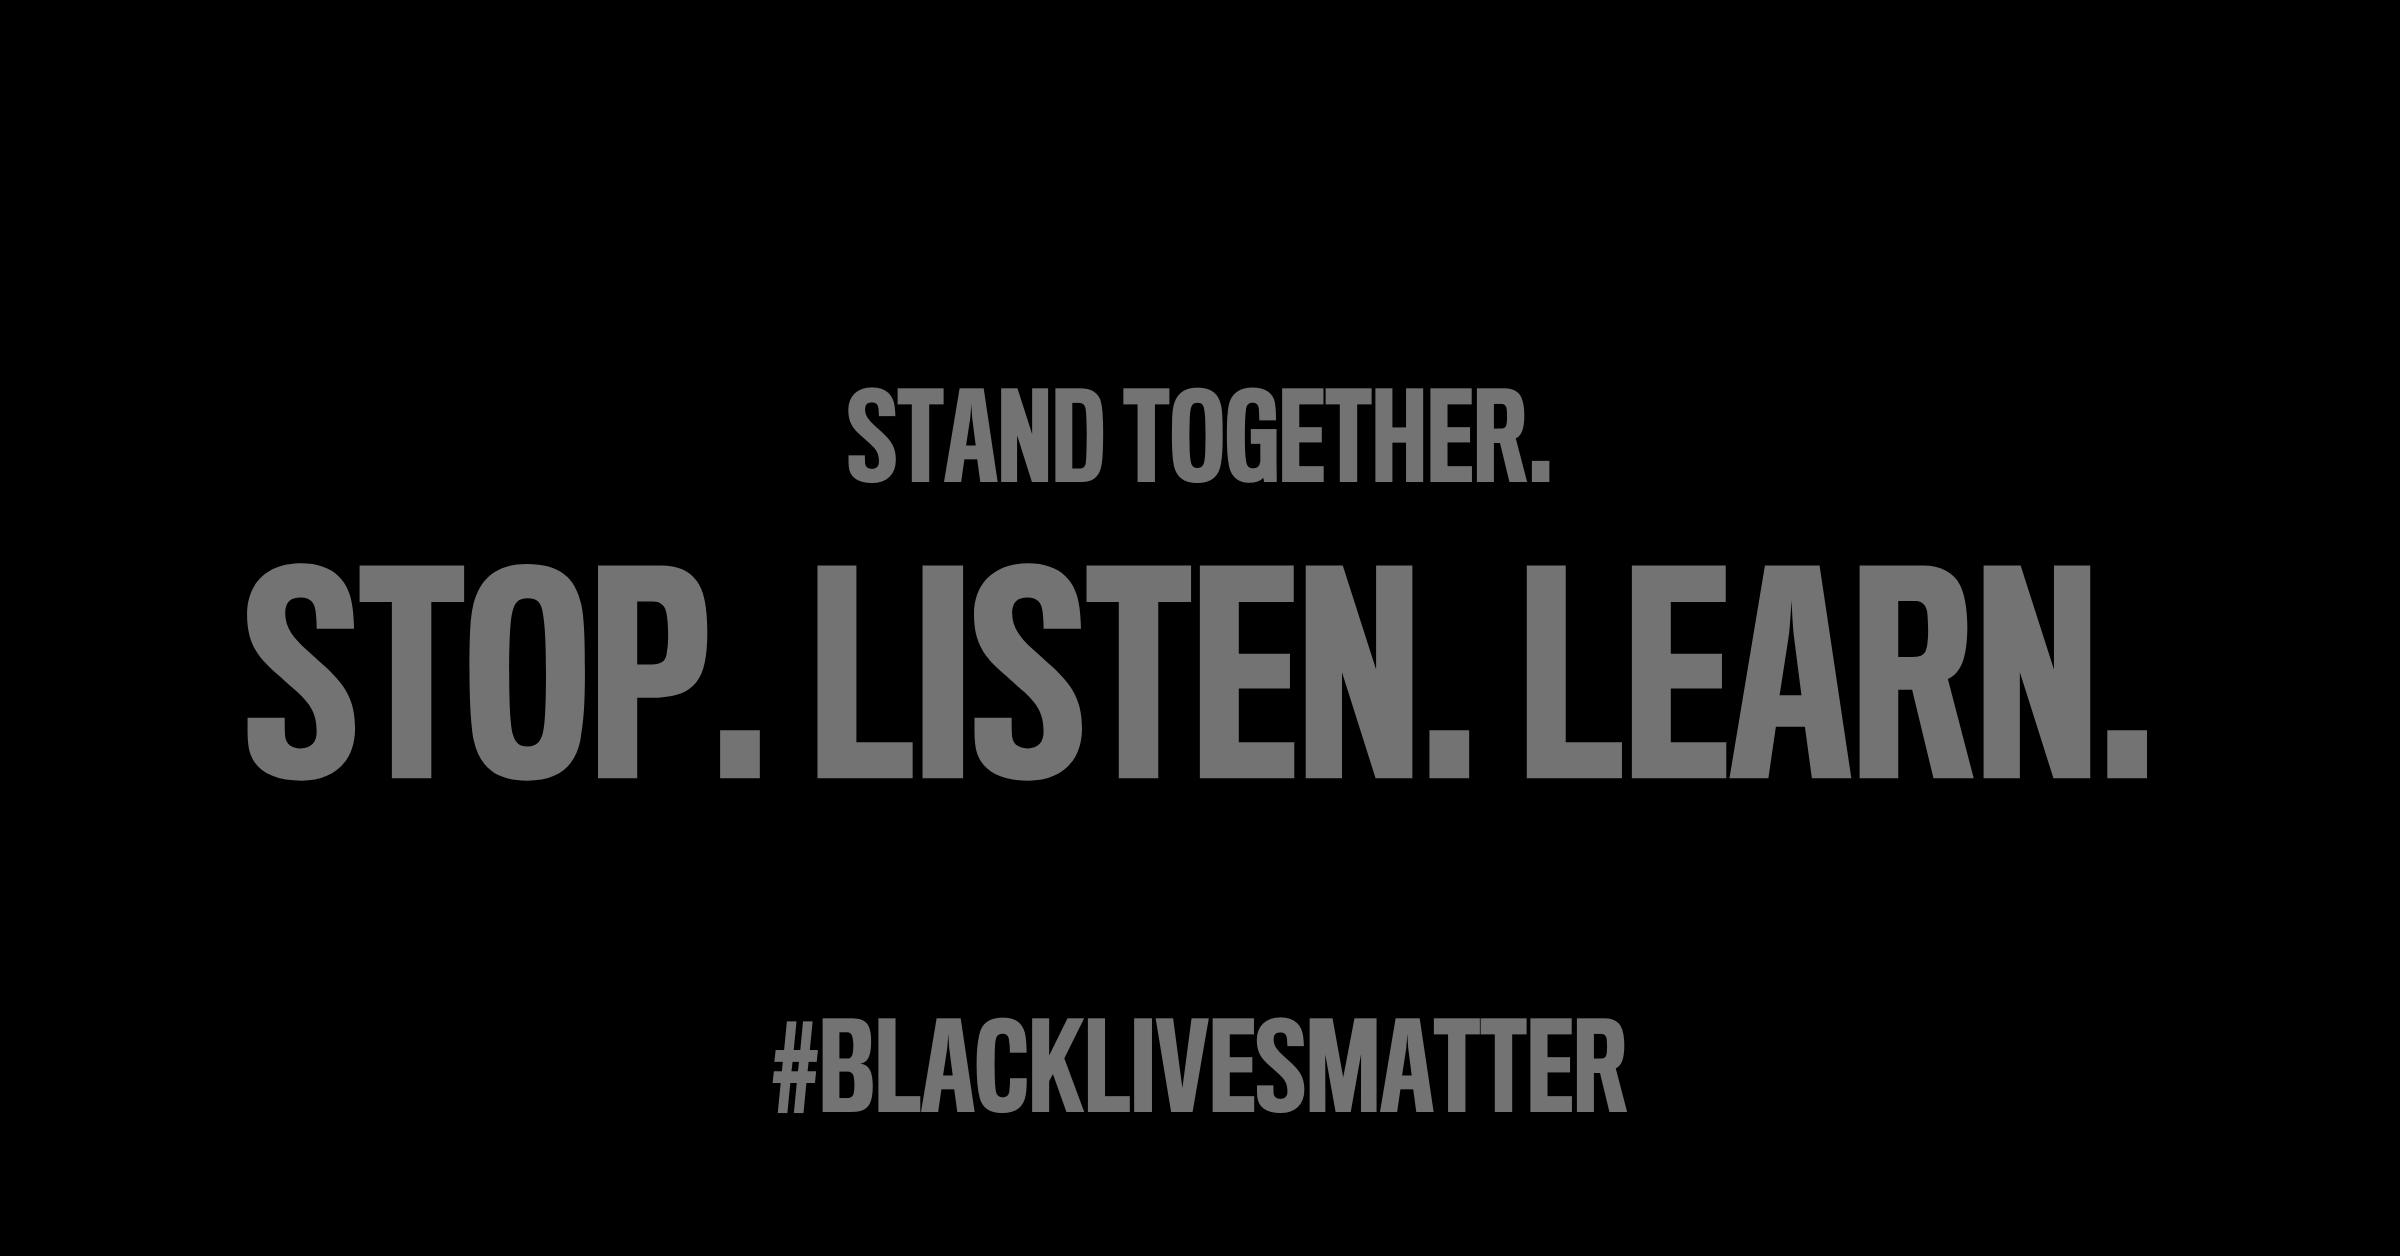 Stop, listen, learn